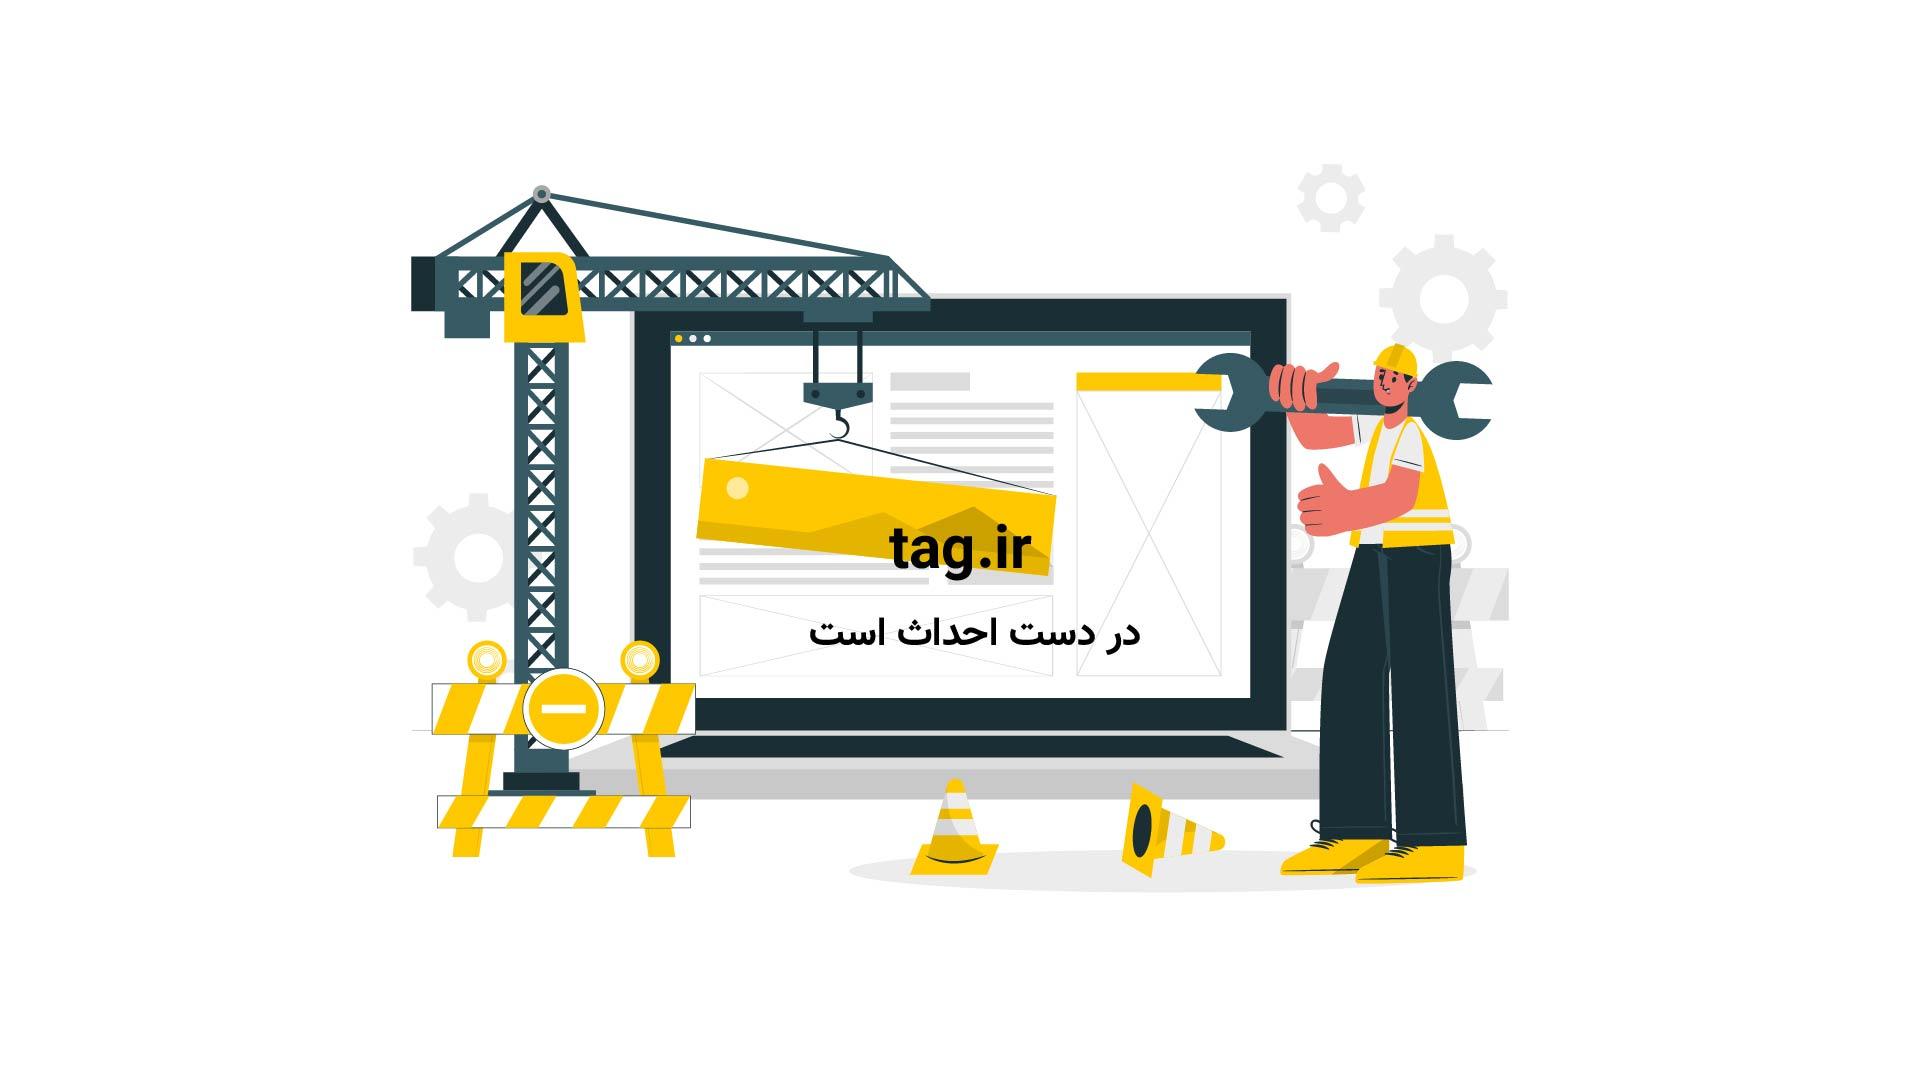 گفتگوی مهران مدیری با لادن مستوفی در مورد شروع کار بازیگری | فیلم